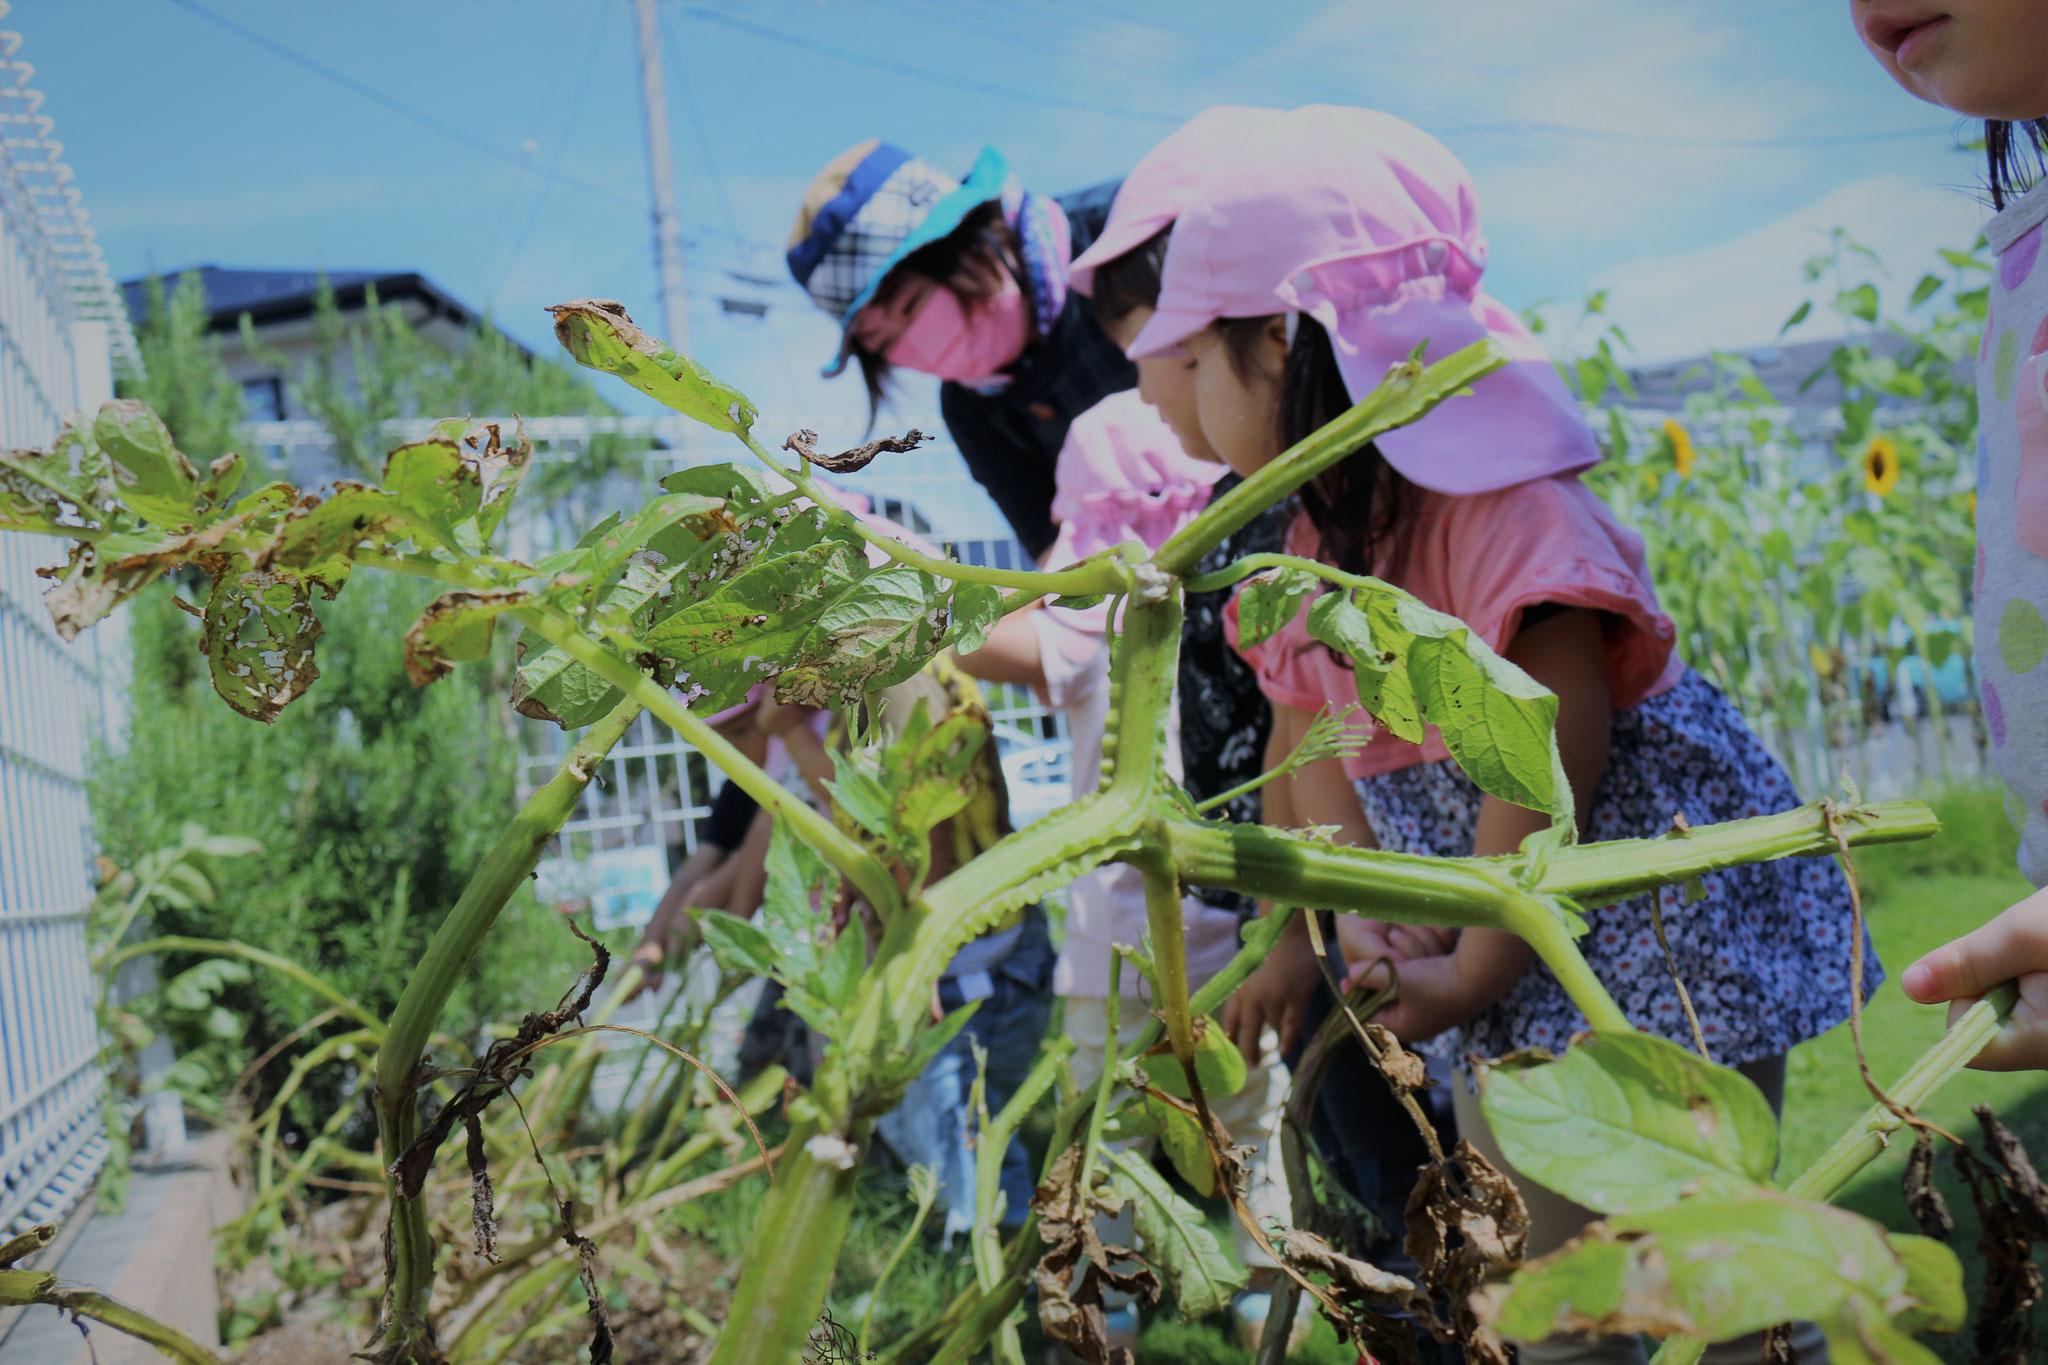 春に植えたジャガイモの収穫の日